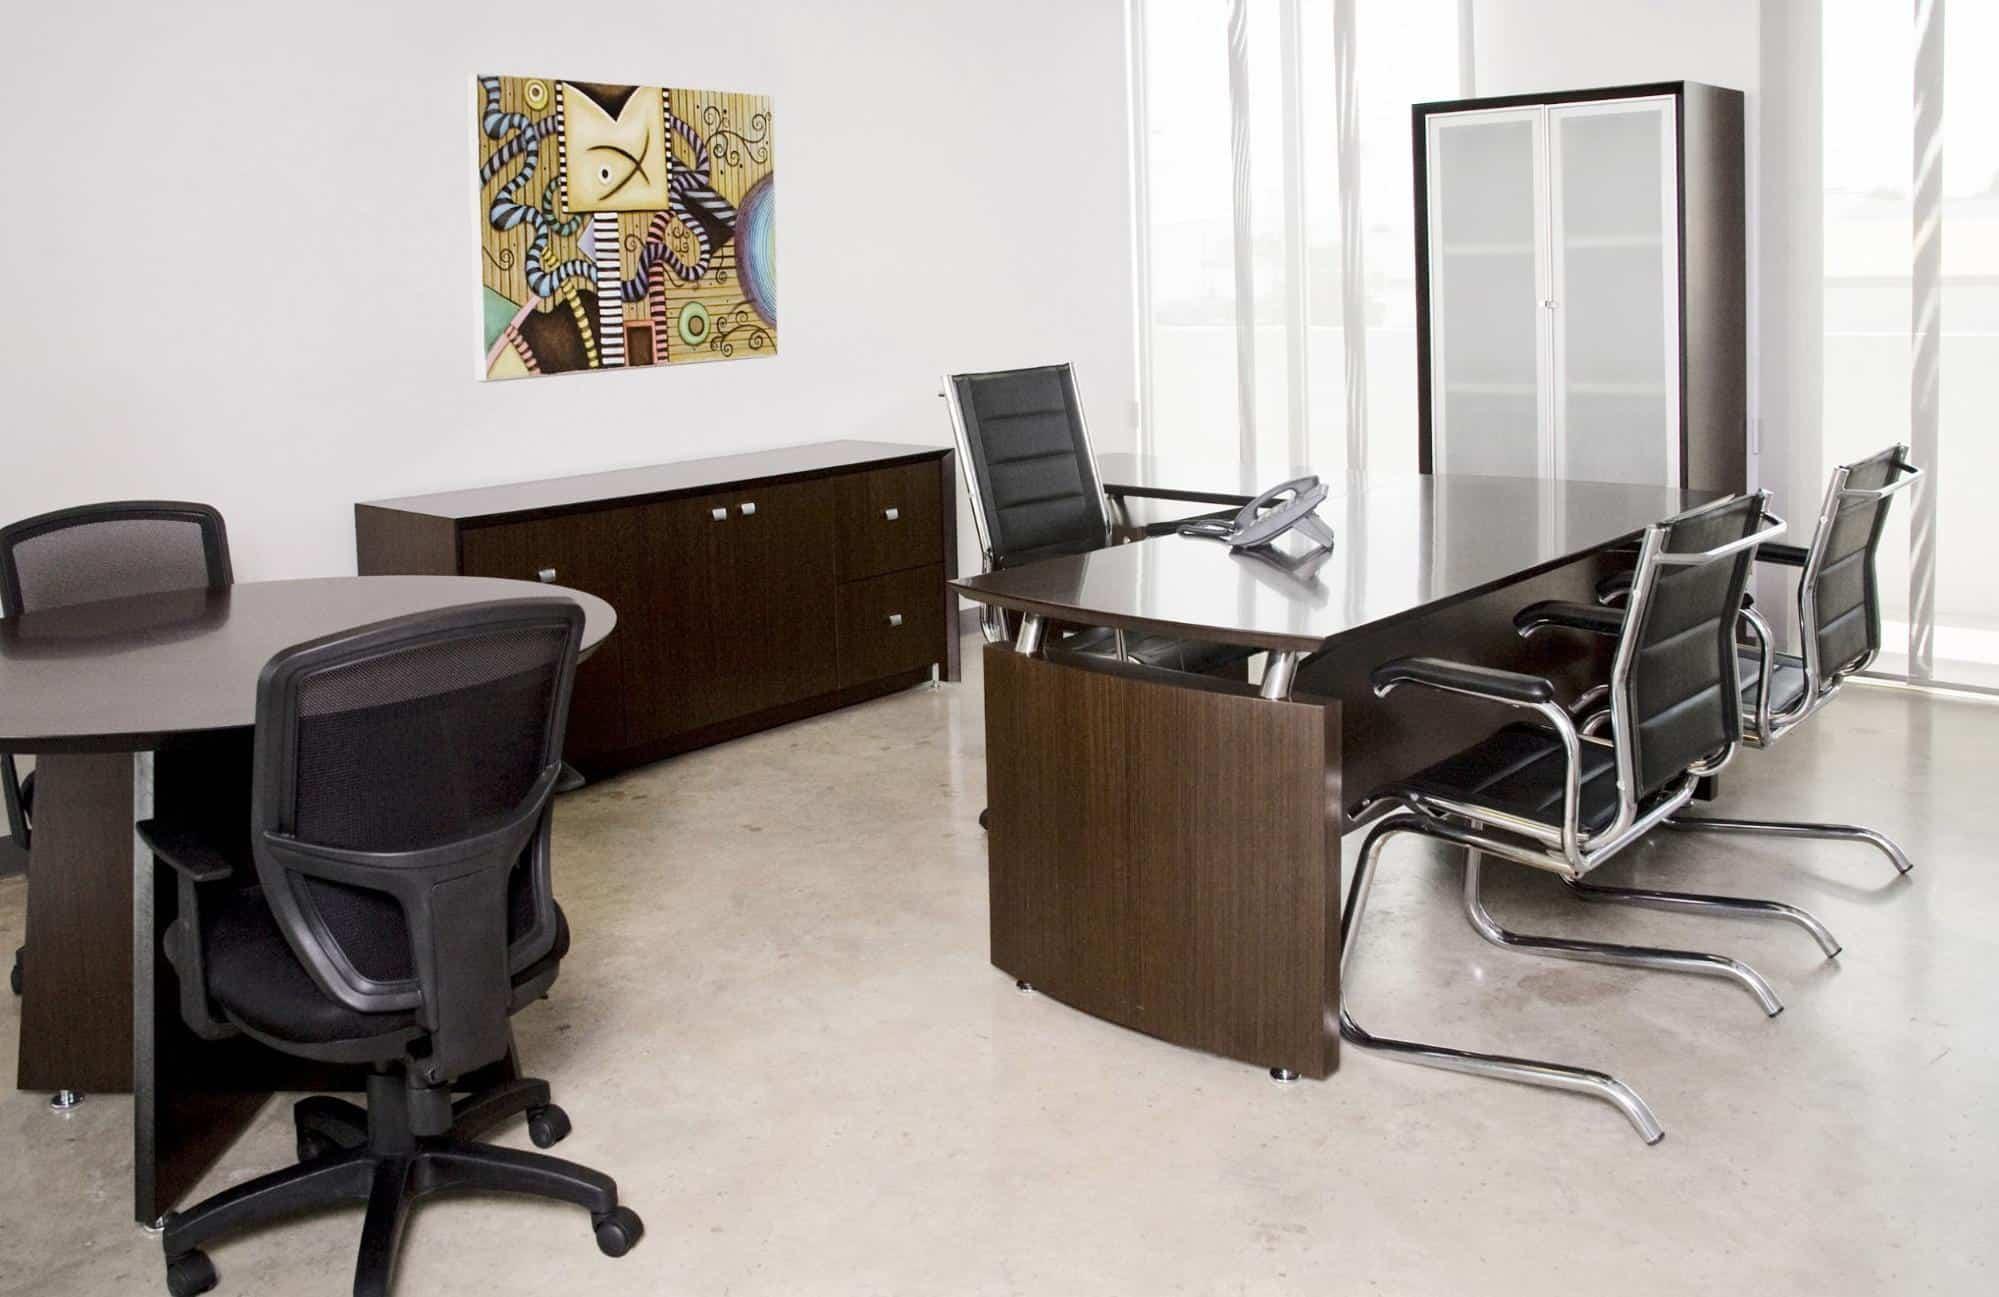 oficina-clasica-ejemplo